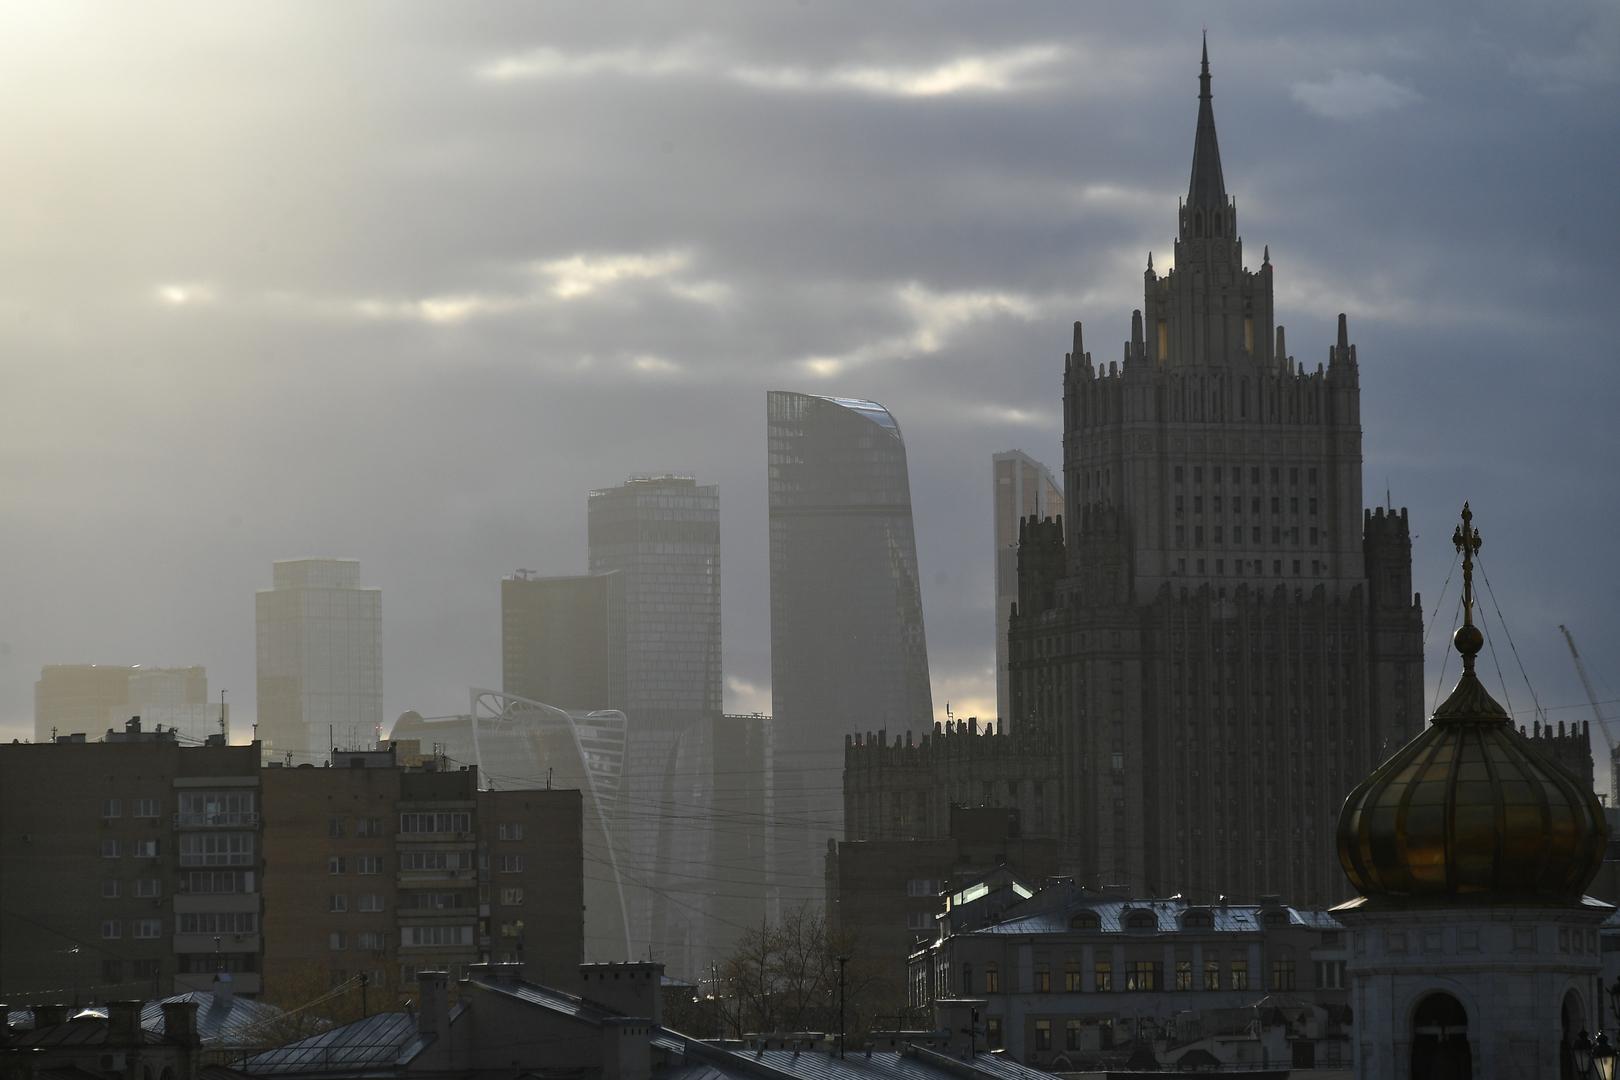 روسيا: الإرهابيون يحاولون استغلال جائحة كورونا ولا علاقة للفيروس بالإرهاب البيولوجي